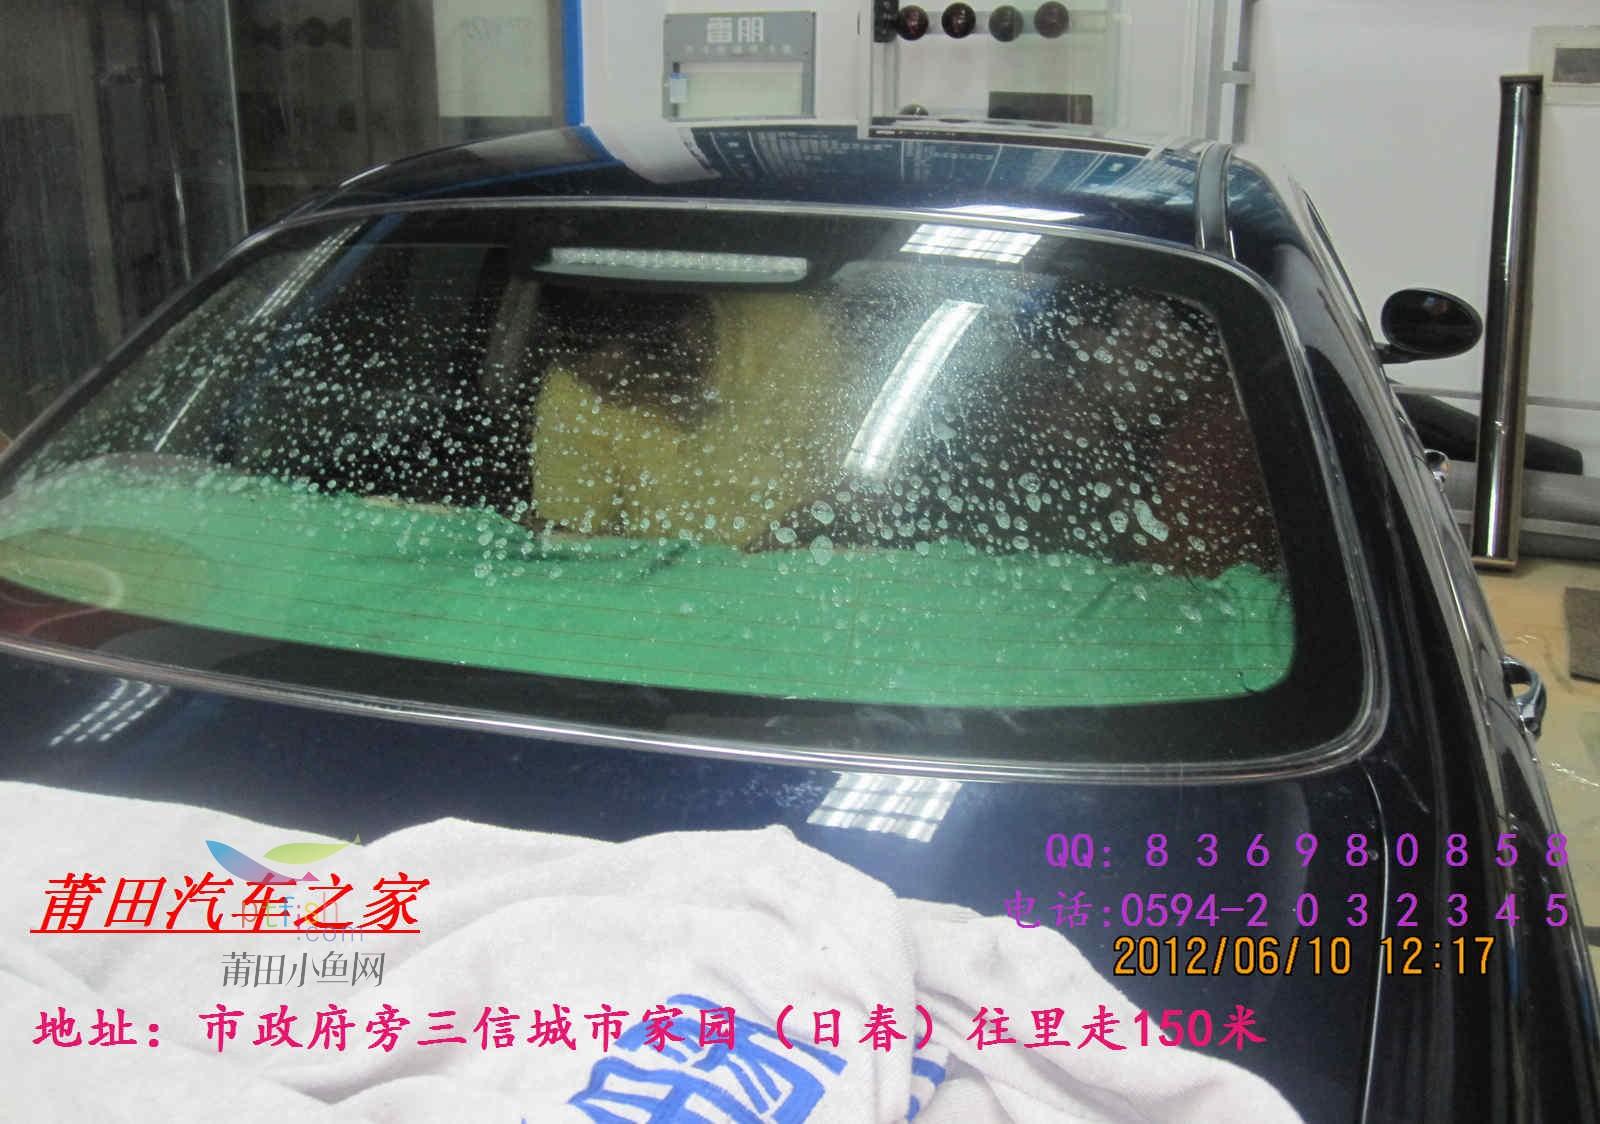 荣威750全车贴雷朋玻璃纸【之家汽车】宾悦纯k图片